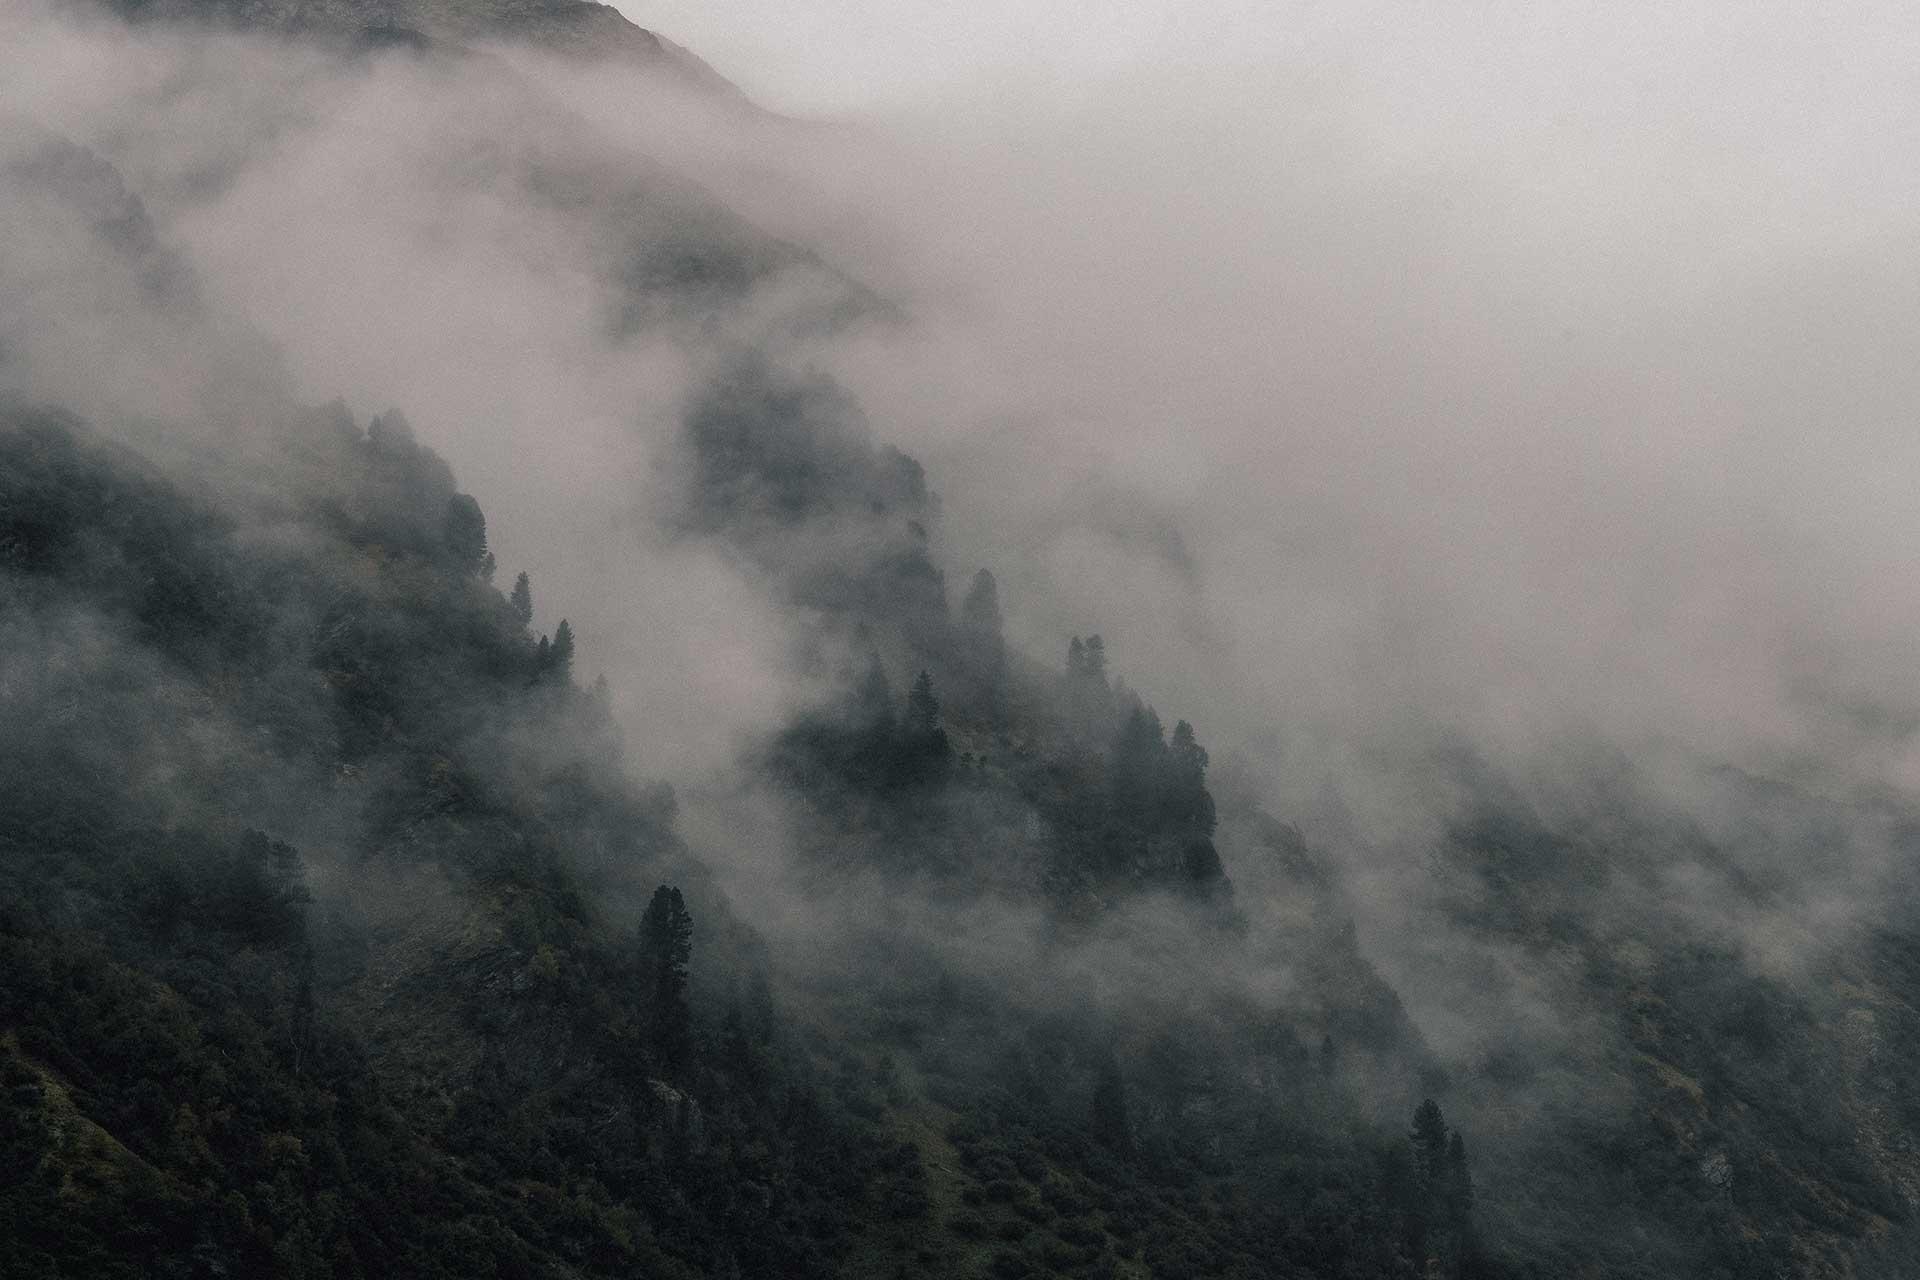 Fotografie Landschaft Outdoor Panorama Bergsport Nebel Schöffel Schweiz